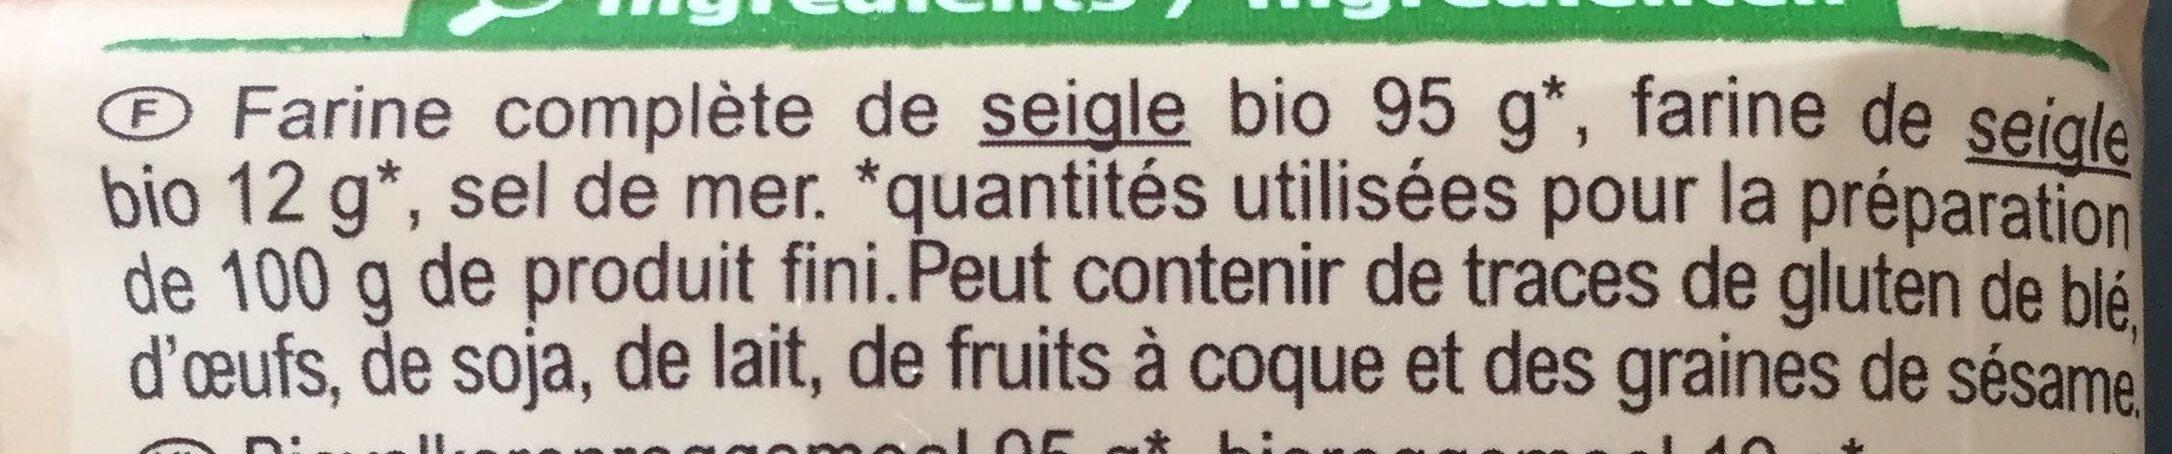 Tartines croustillantes au Seigle - Ingrediënten - fr